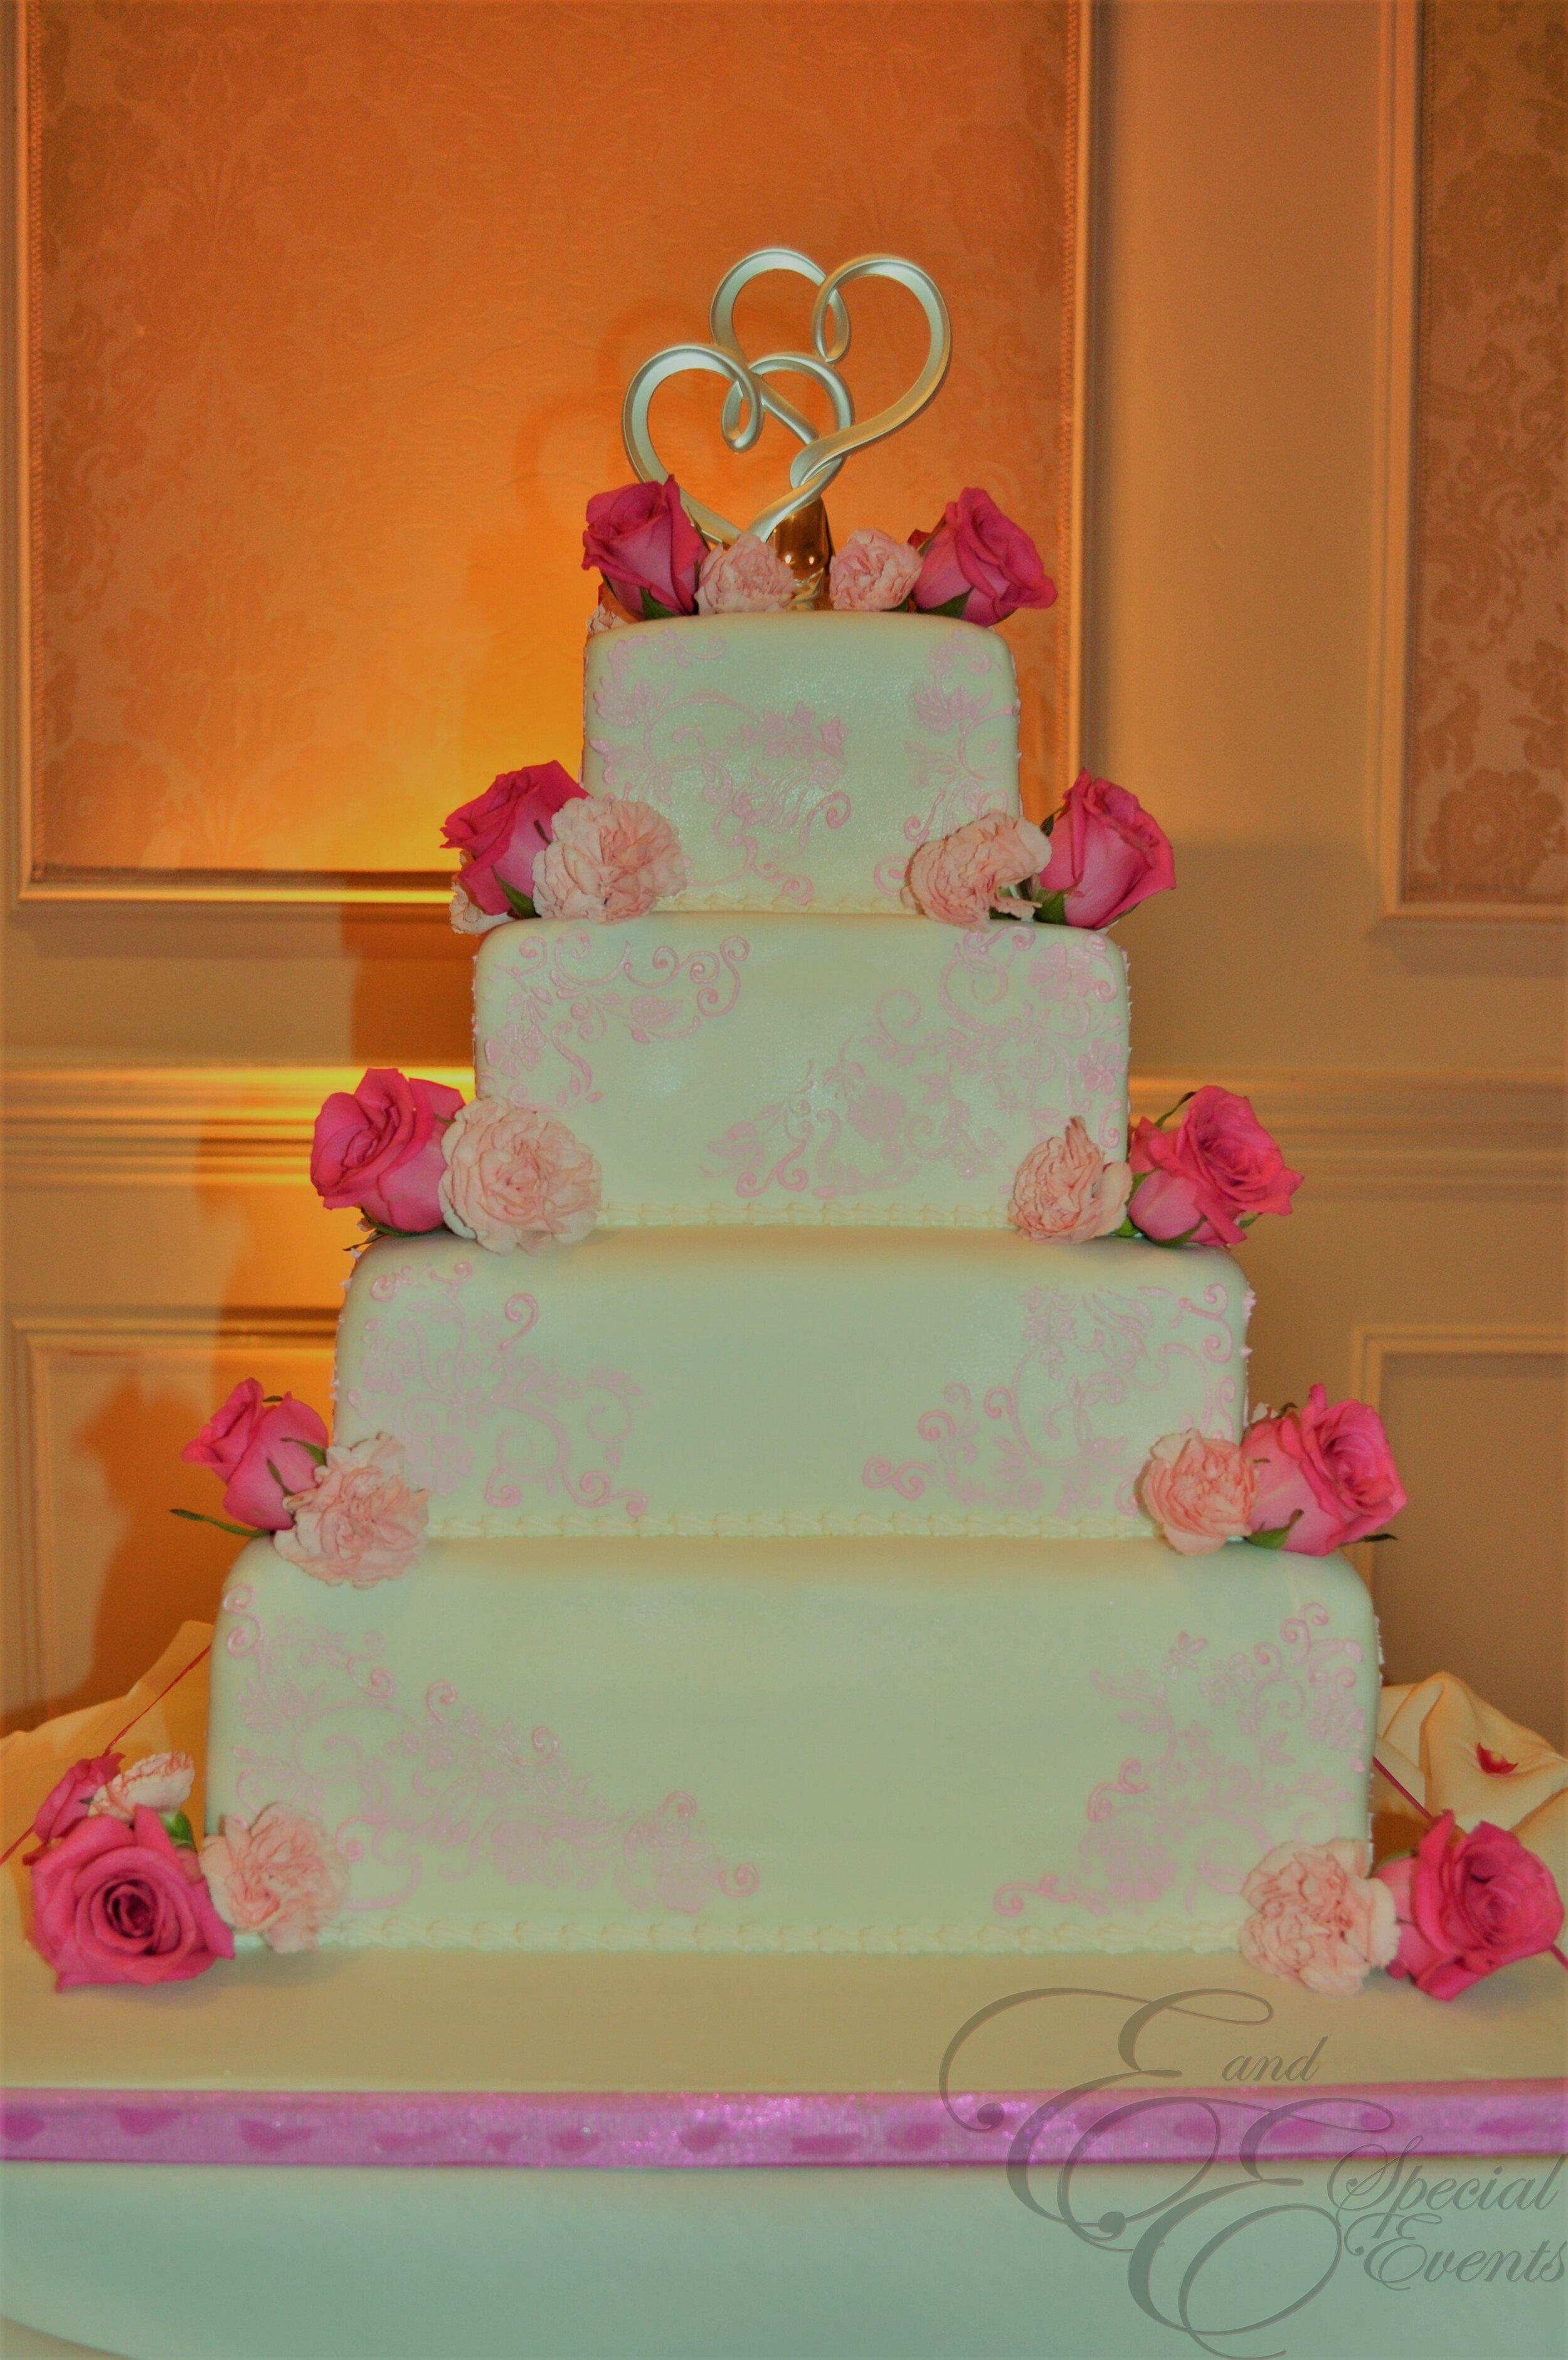 E_E_Special_Events_Elegant_Wedding_Cakes_Virginia_Beach_Hampton_Roads12.jpg